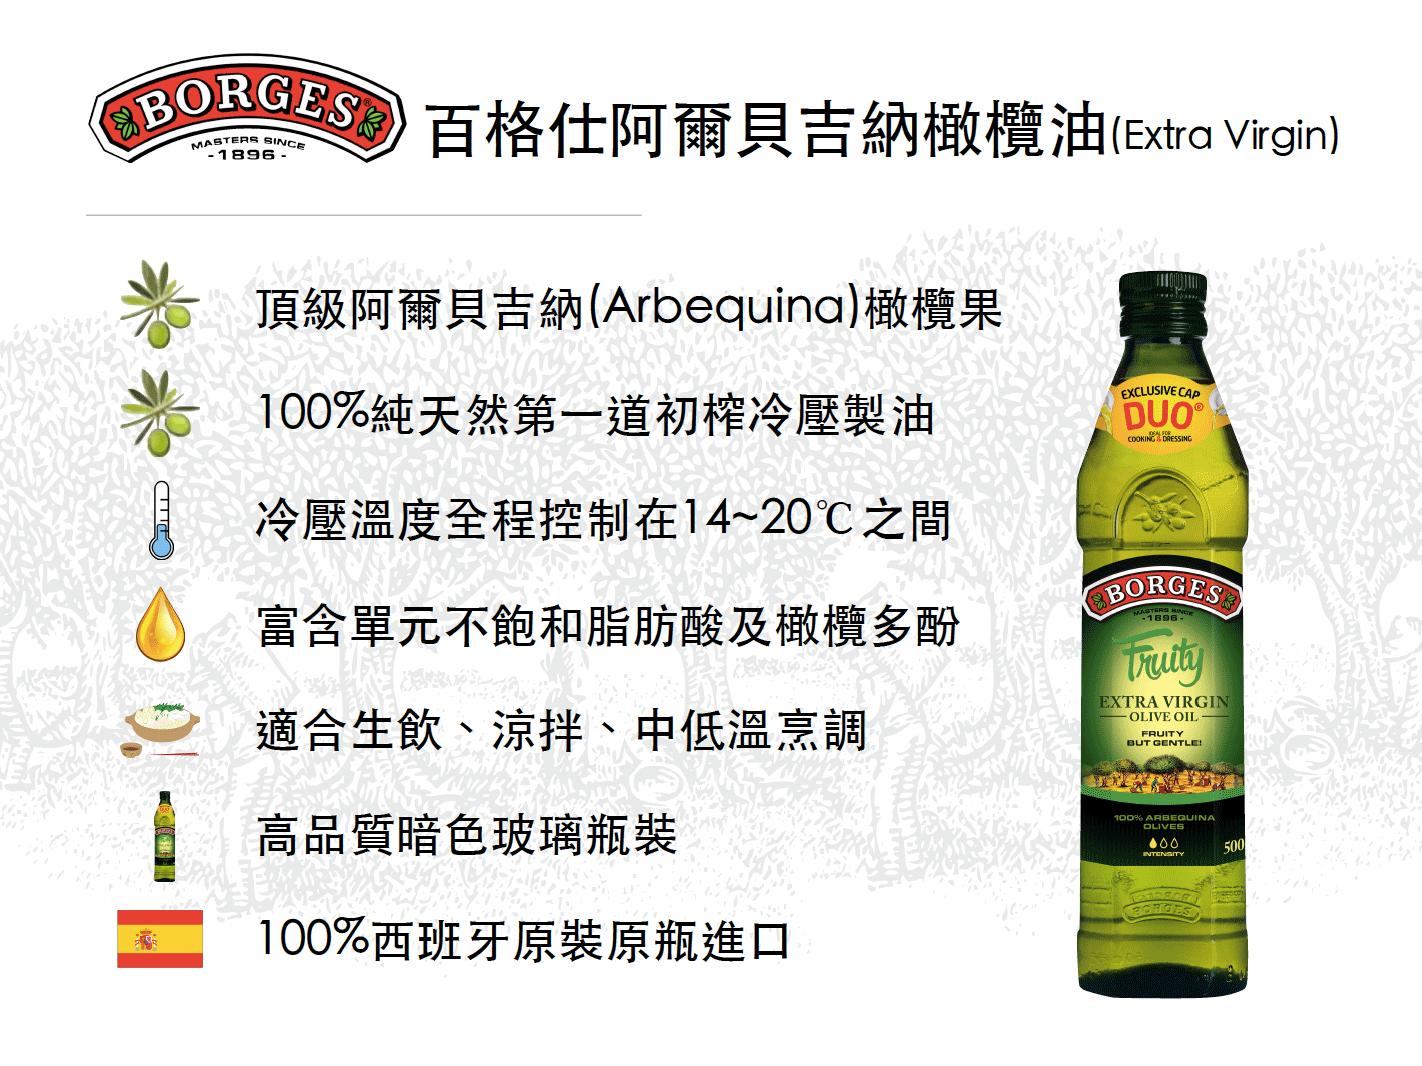 百格仕阿爾貝吉納(Arbequina)橄欖油